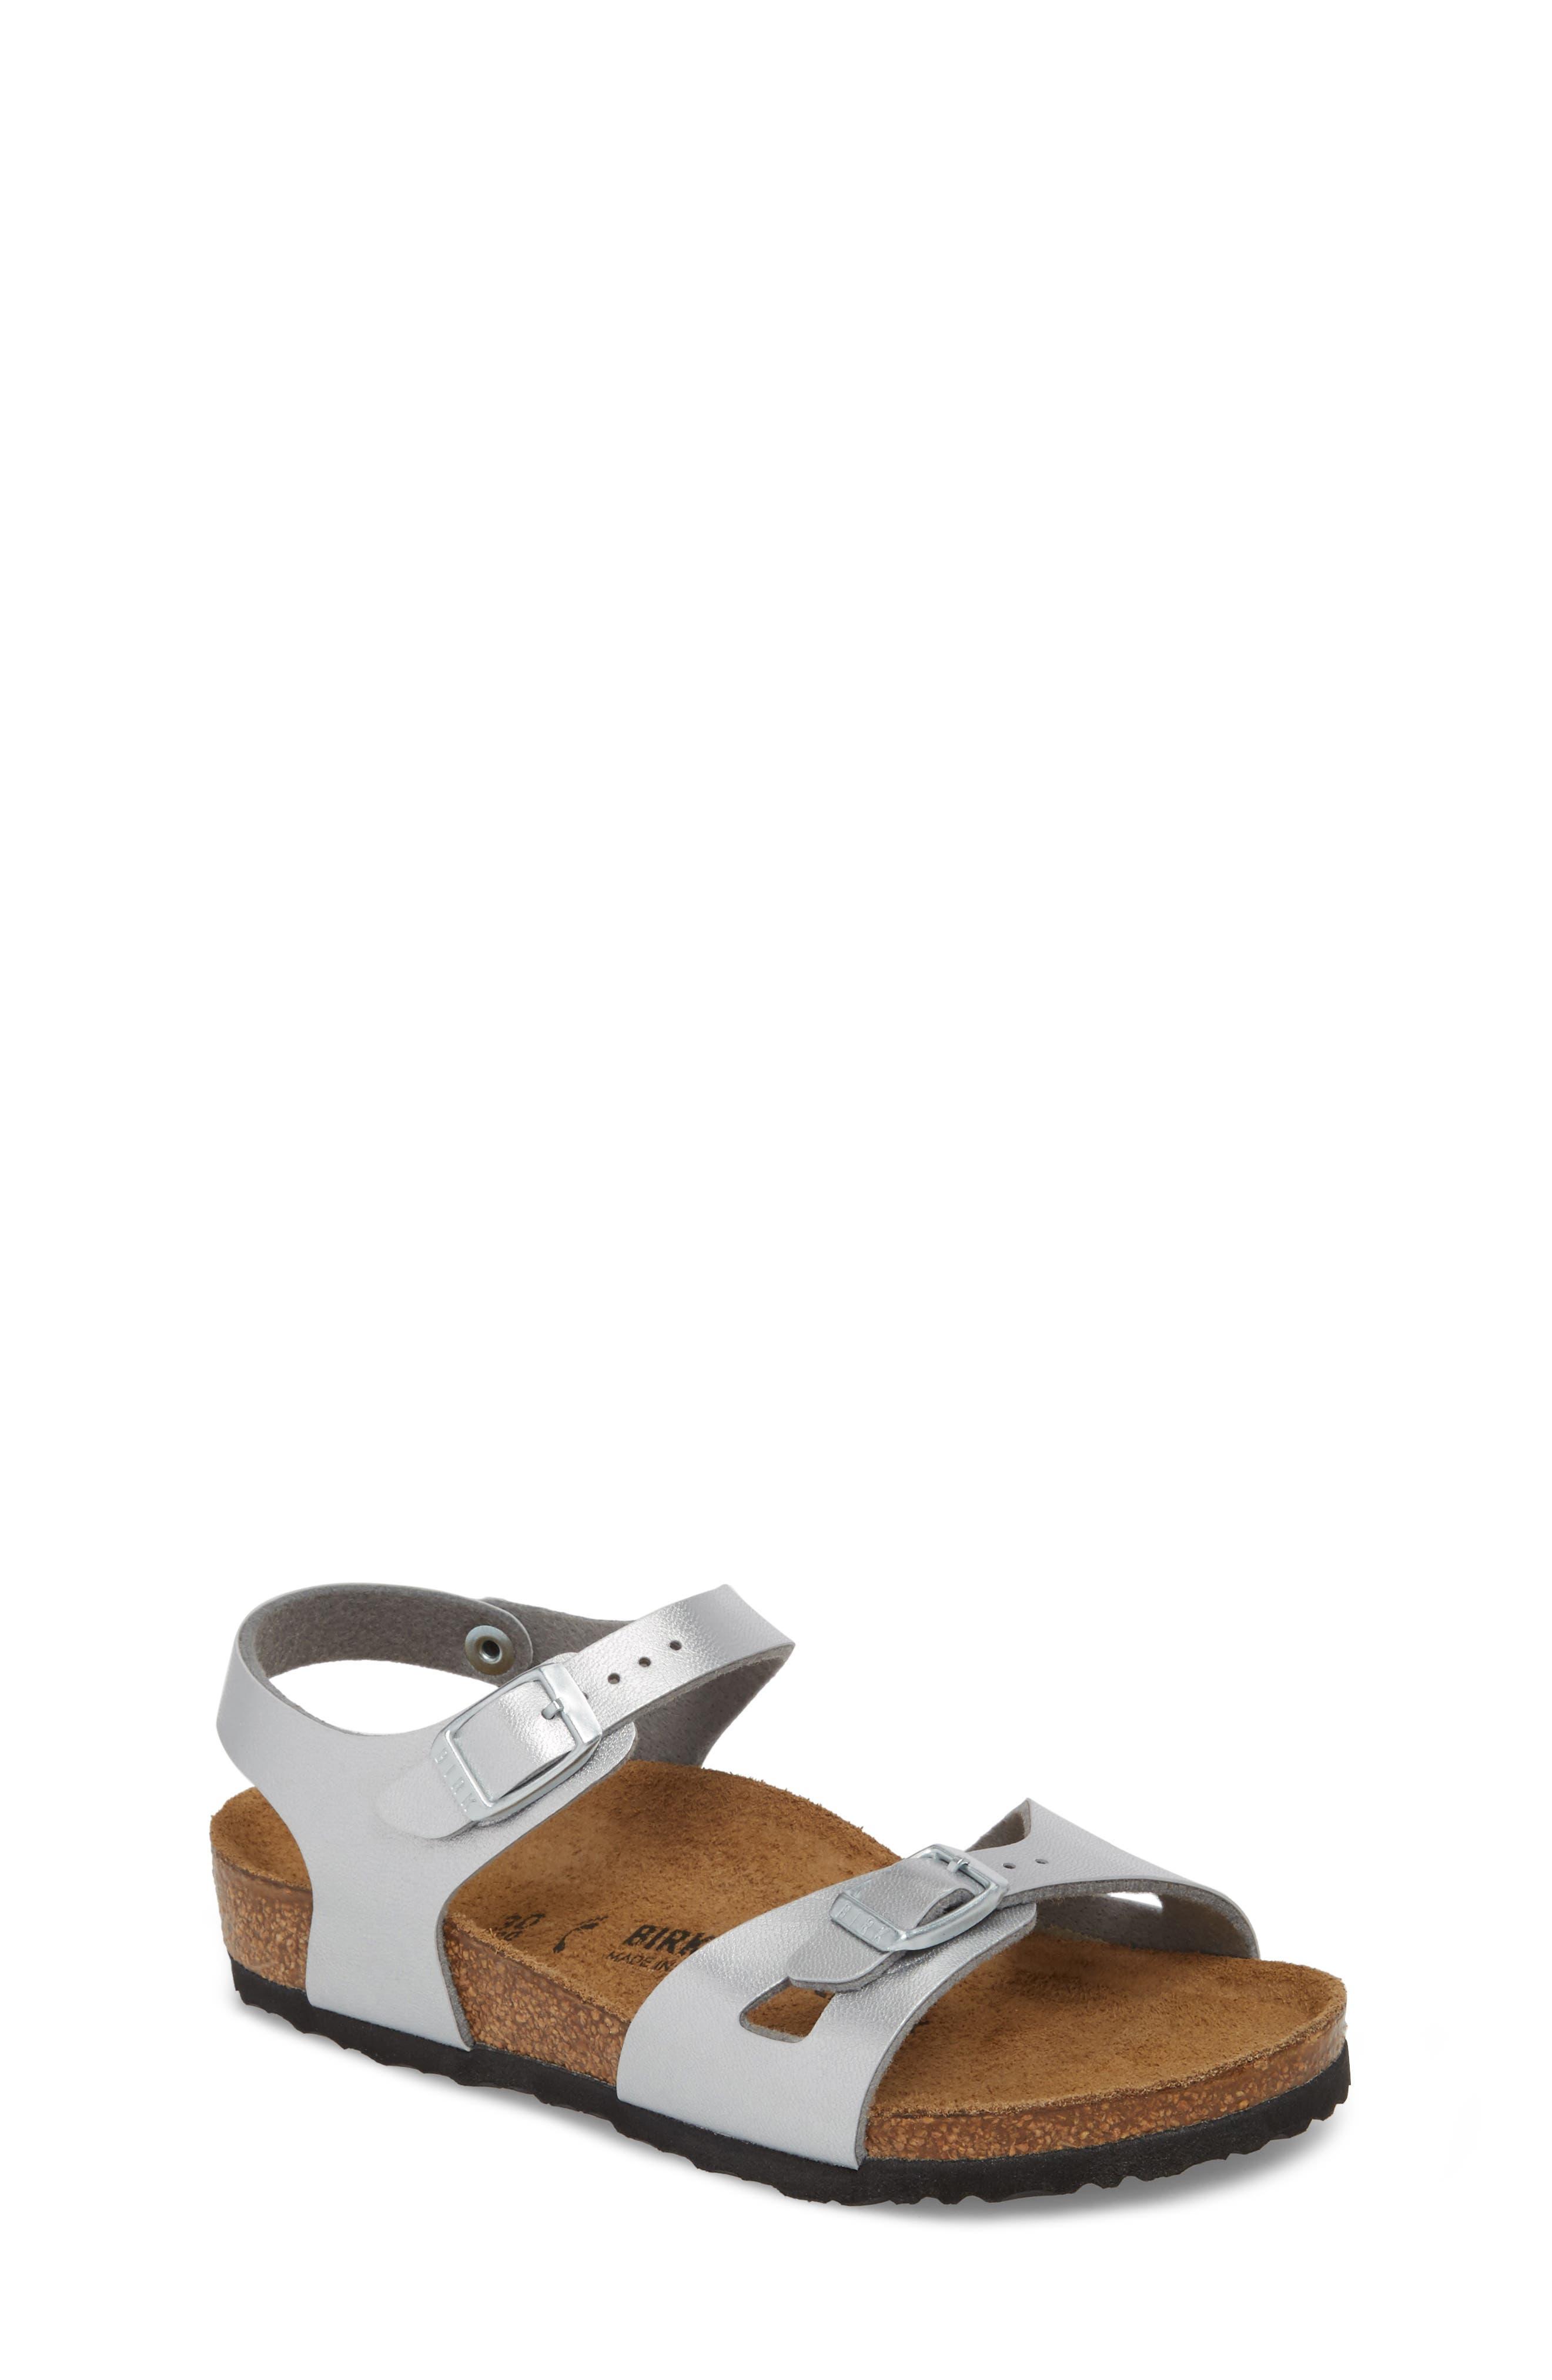 Rio Metallic Sandal,                         Main,                         color, Silver